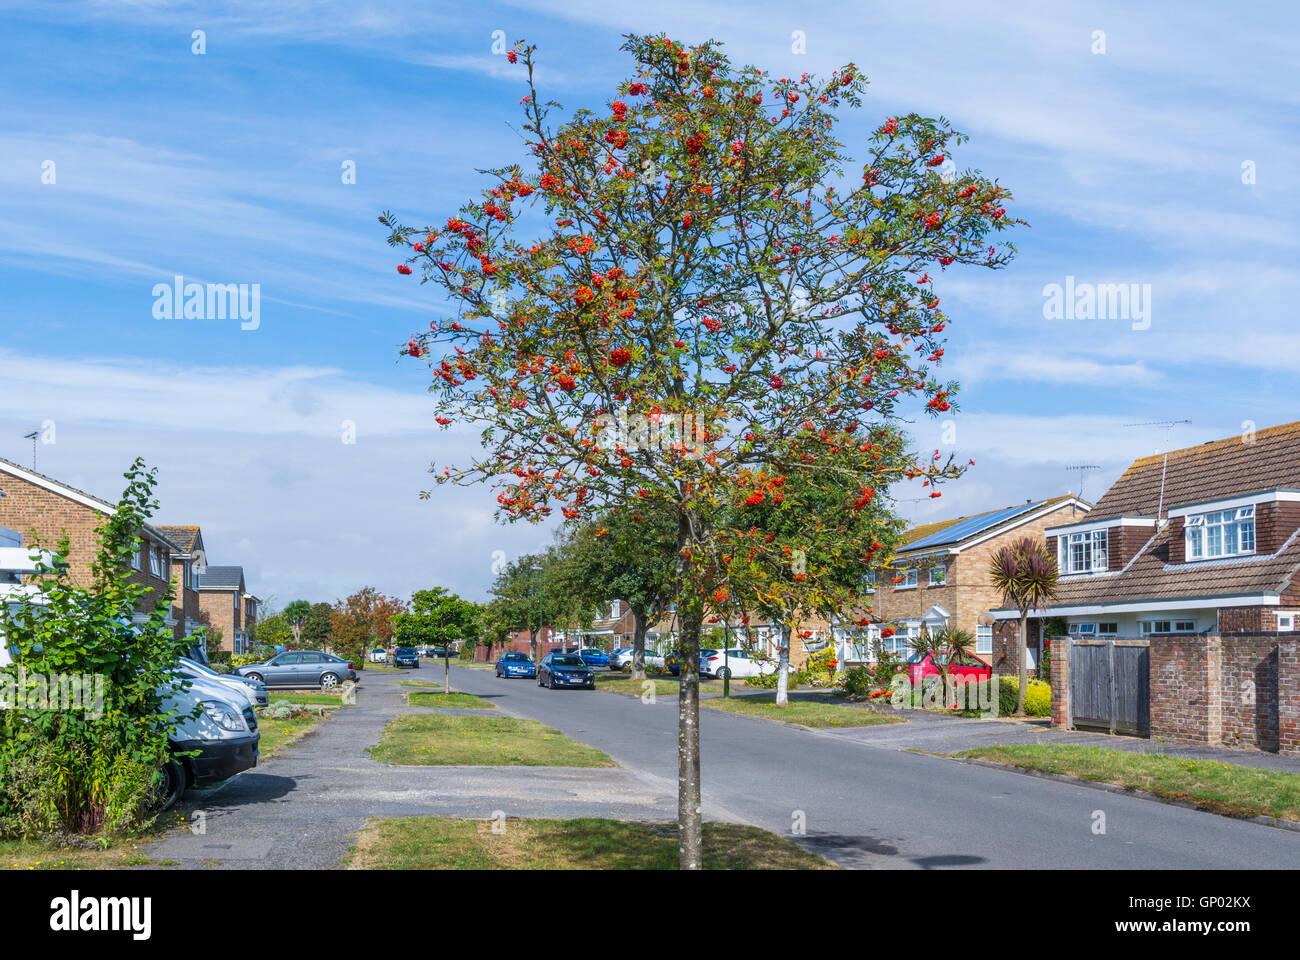 Rue résidentielle dans l'été en Angleterre, Royaume-Uni. Photo Stock